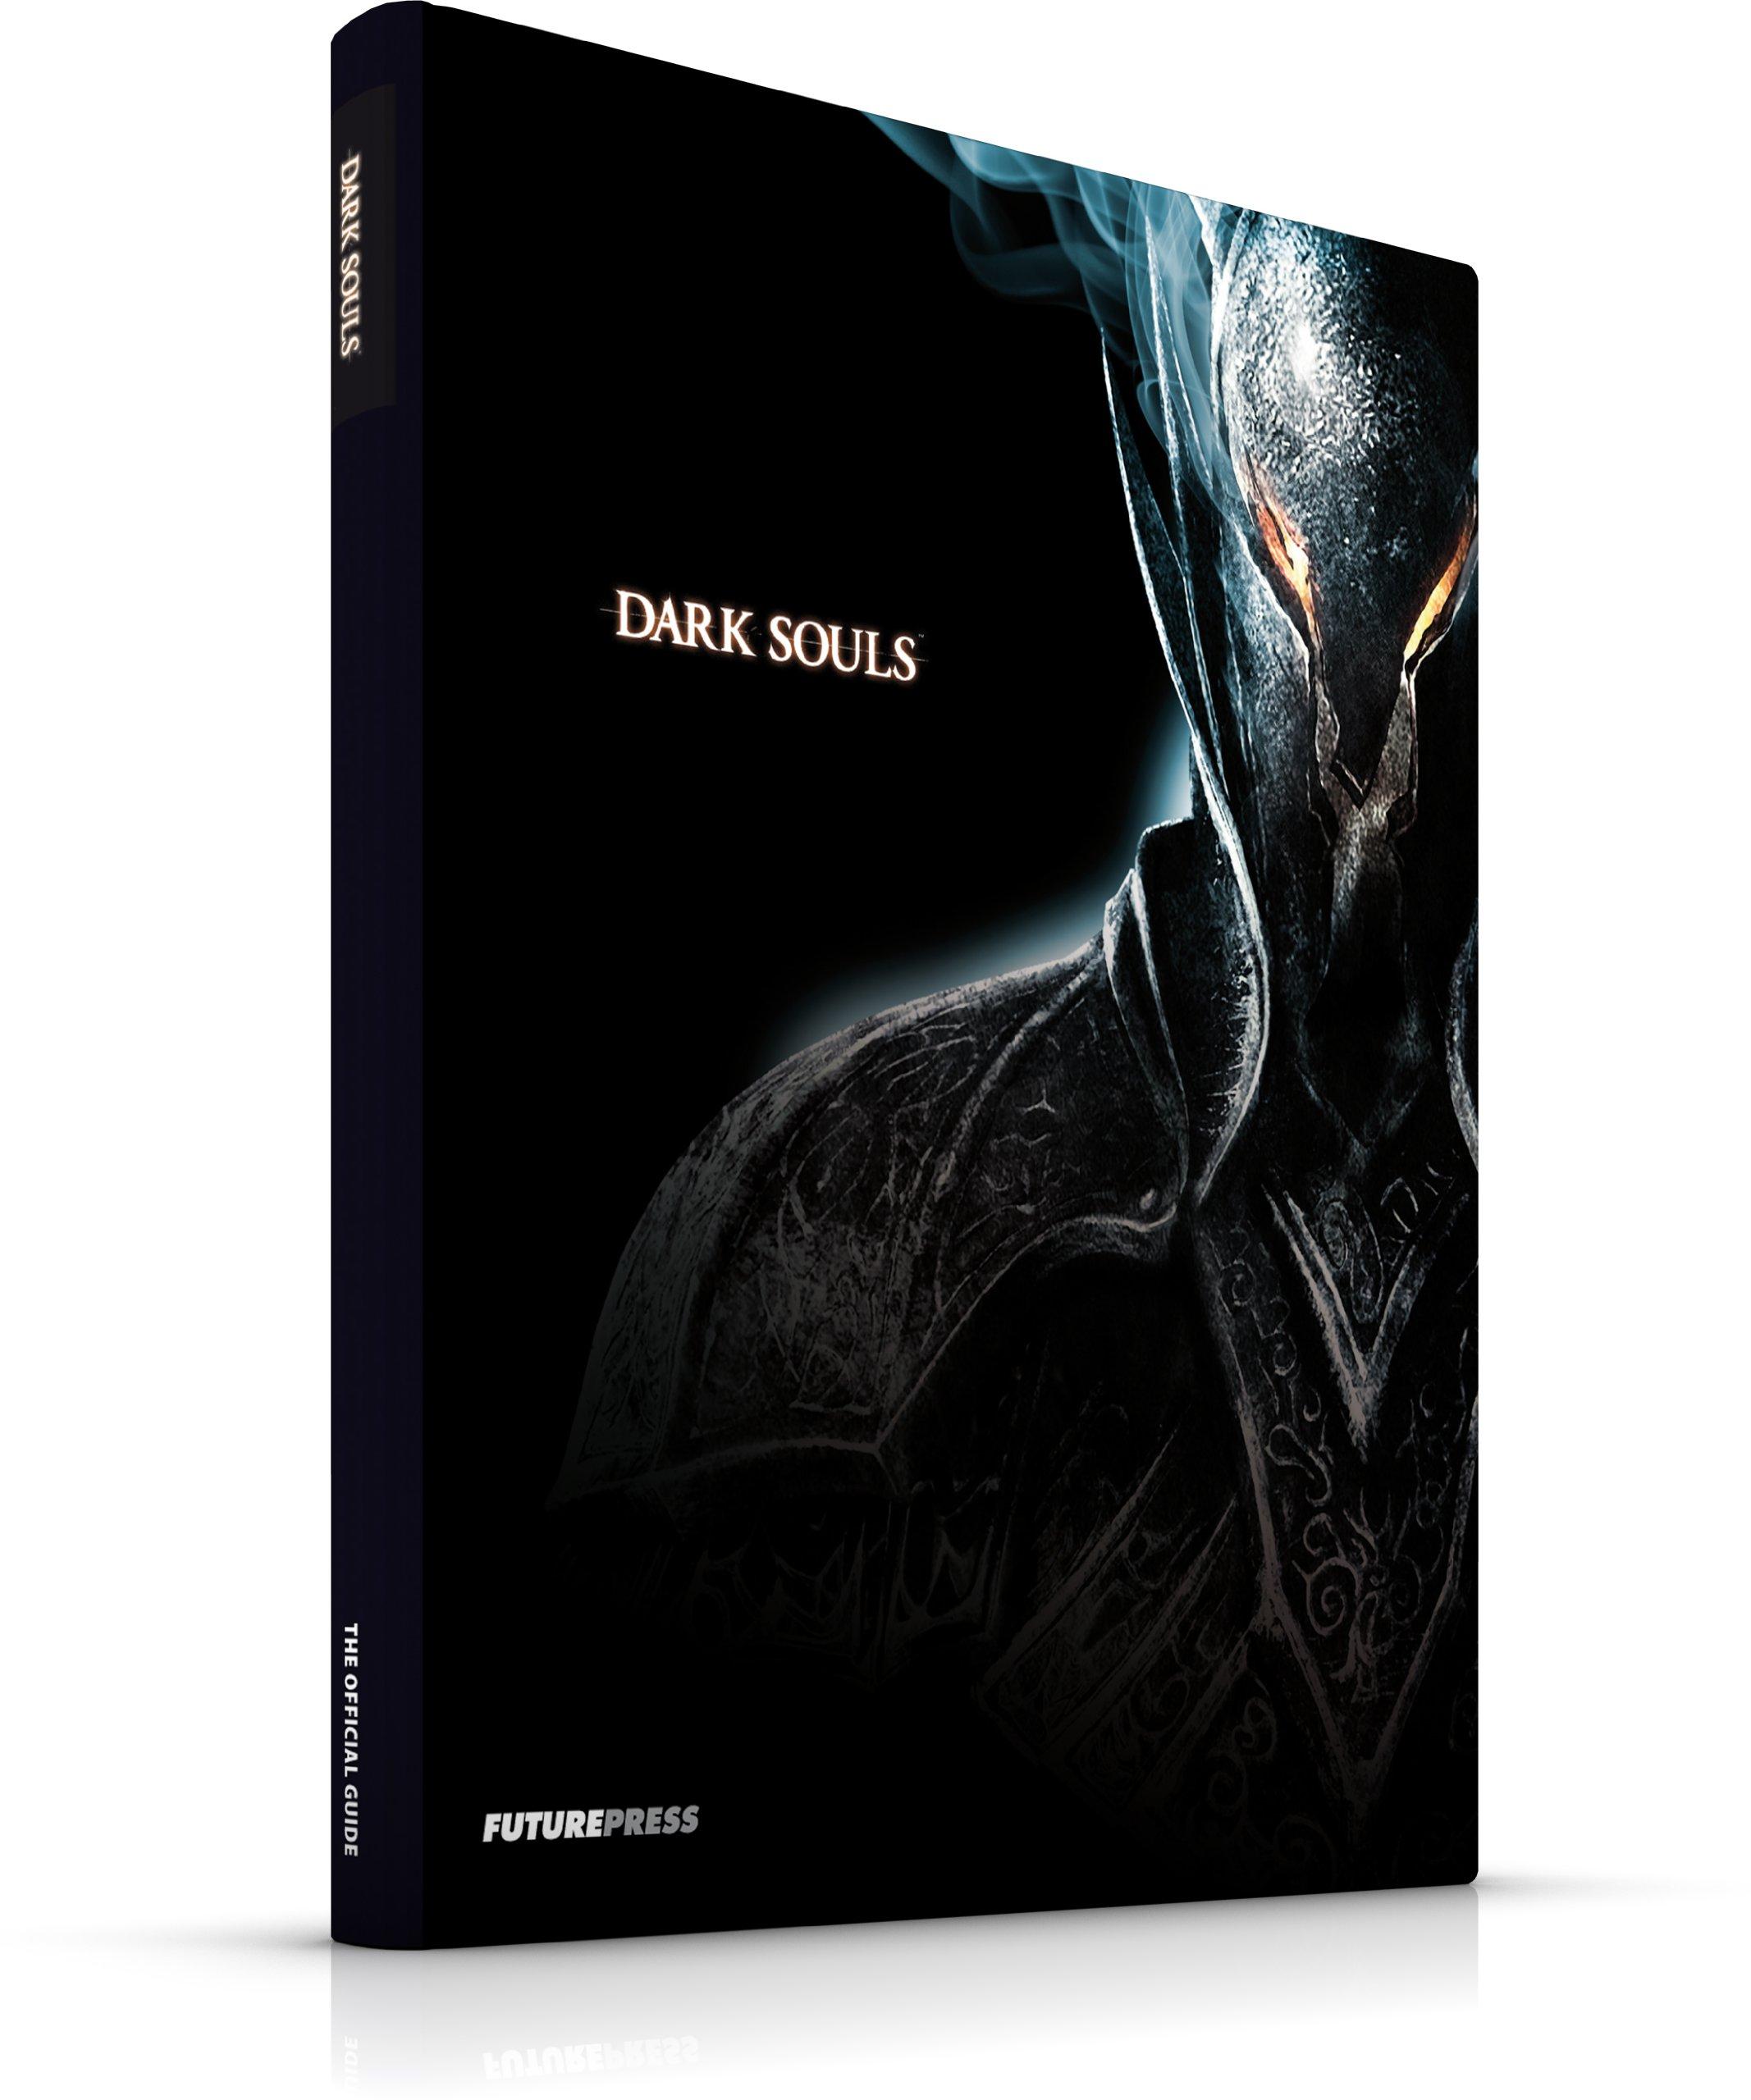 патч для слабого пк dark souls 3